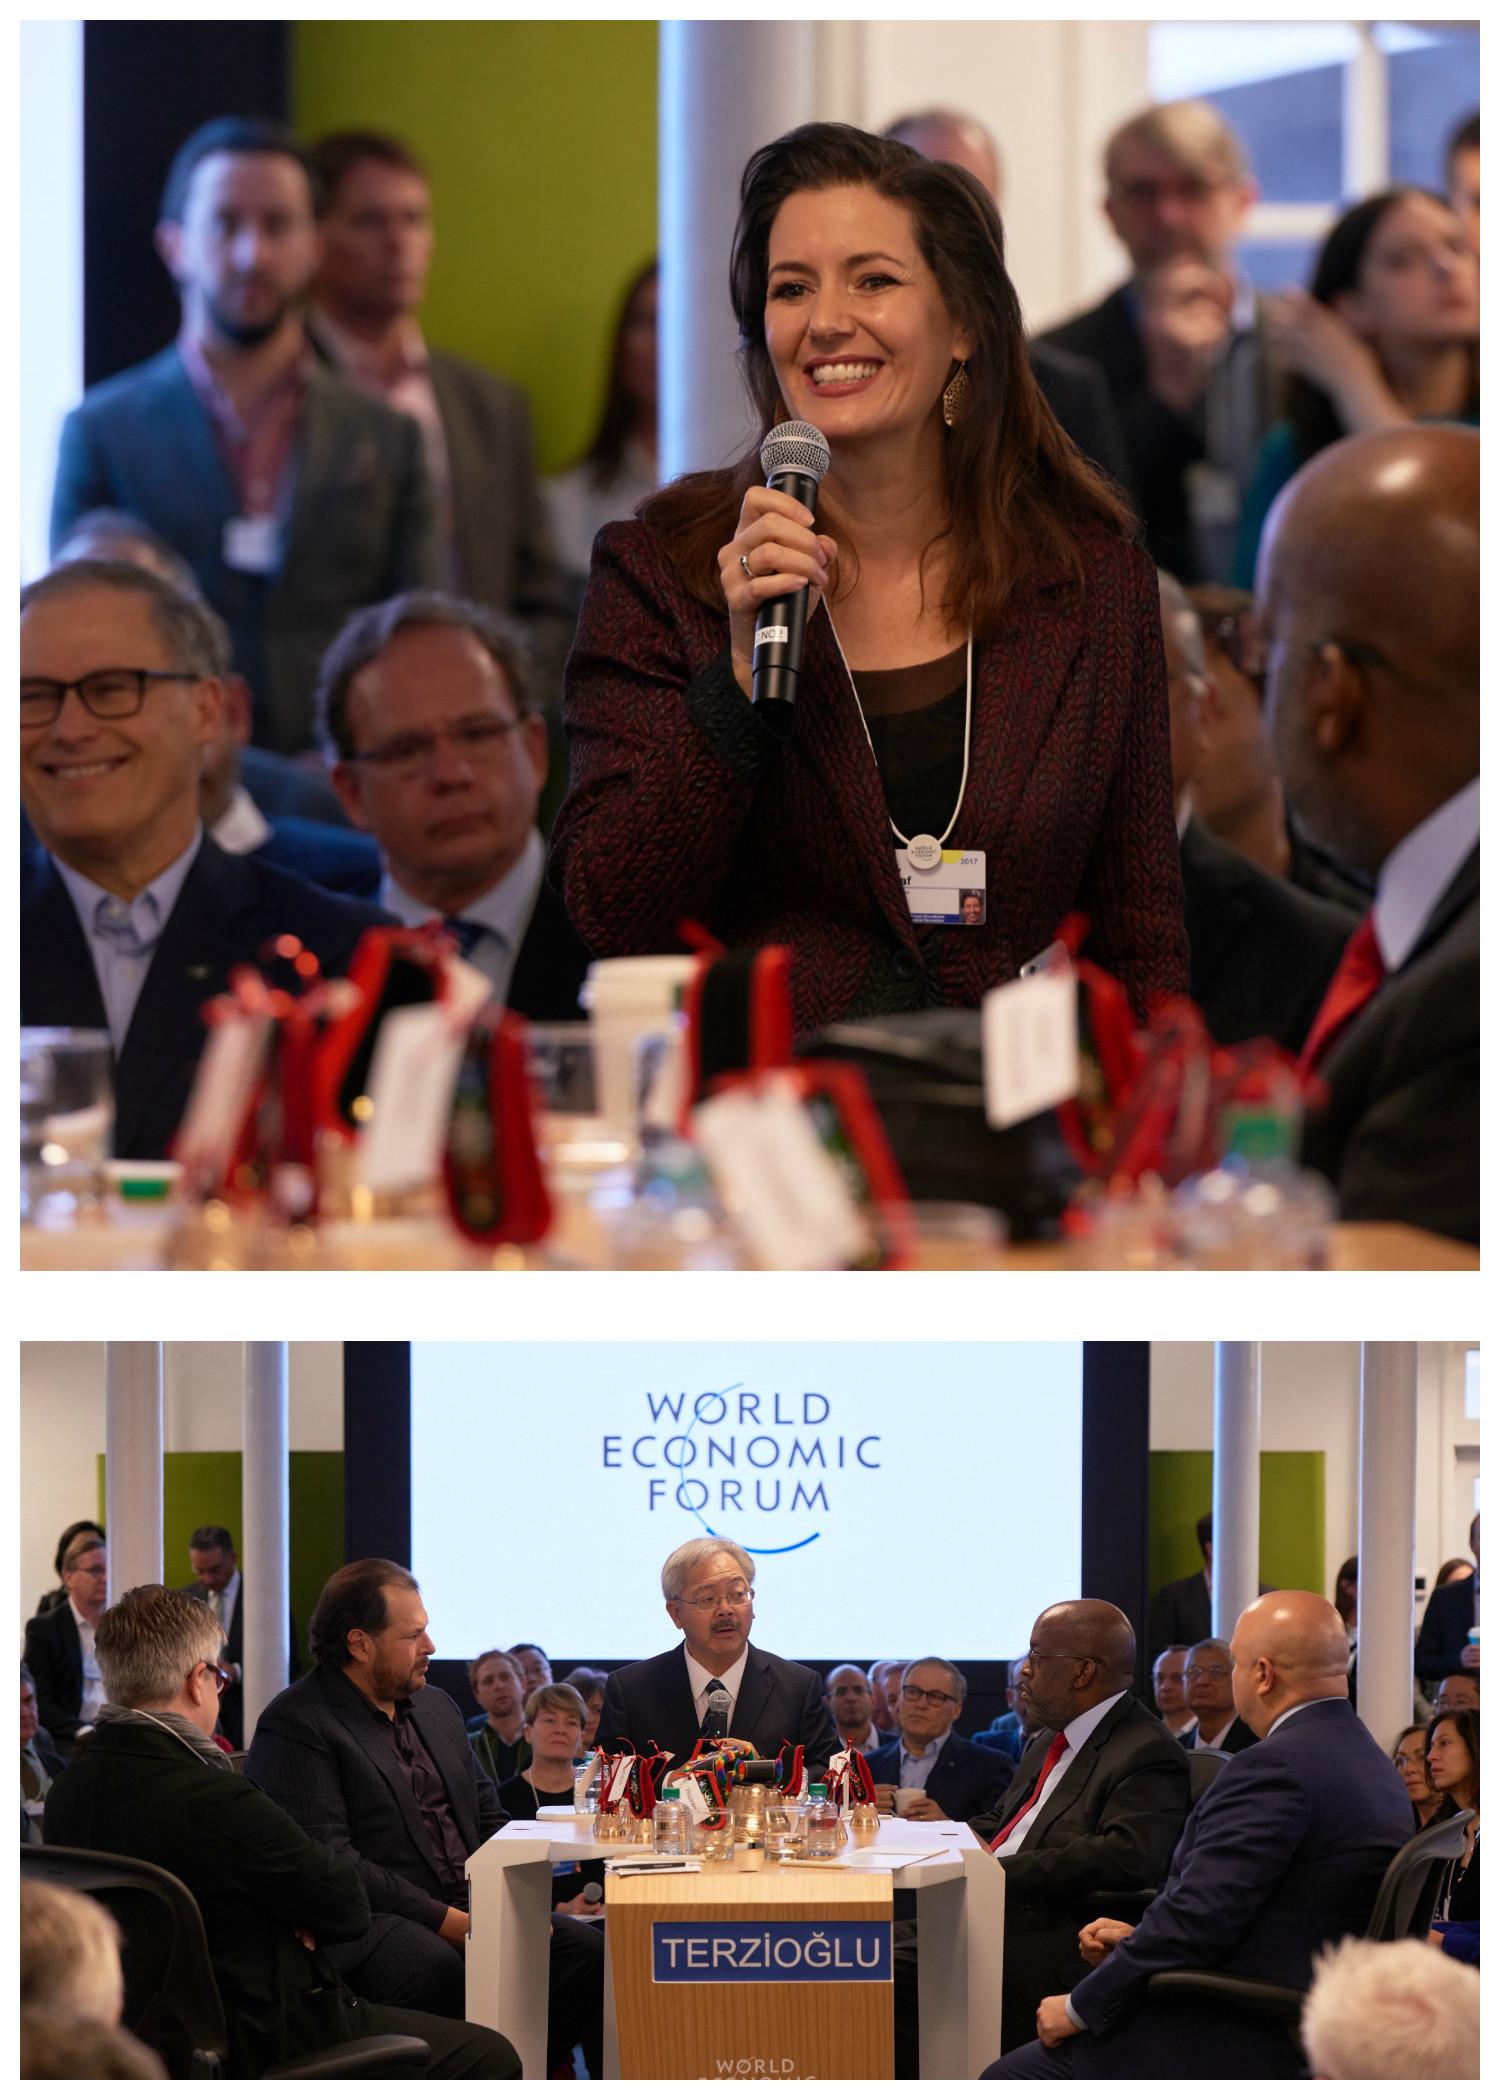 El Centro reunirá a startups, capitalistas de riesgo, las principales empresas del mundo, expertos, académicos, ONGs y gobiernos para discutir cómo las políticas de ciencia y tecnología pueden beneficiar a todos en la sociedad